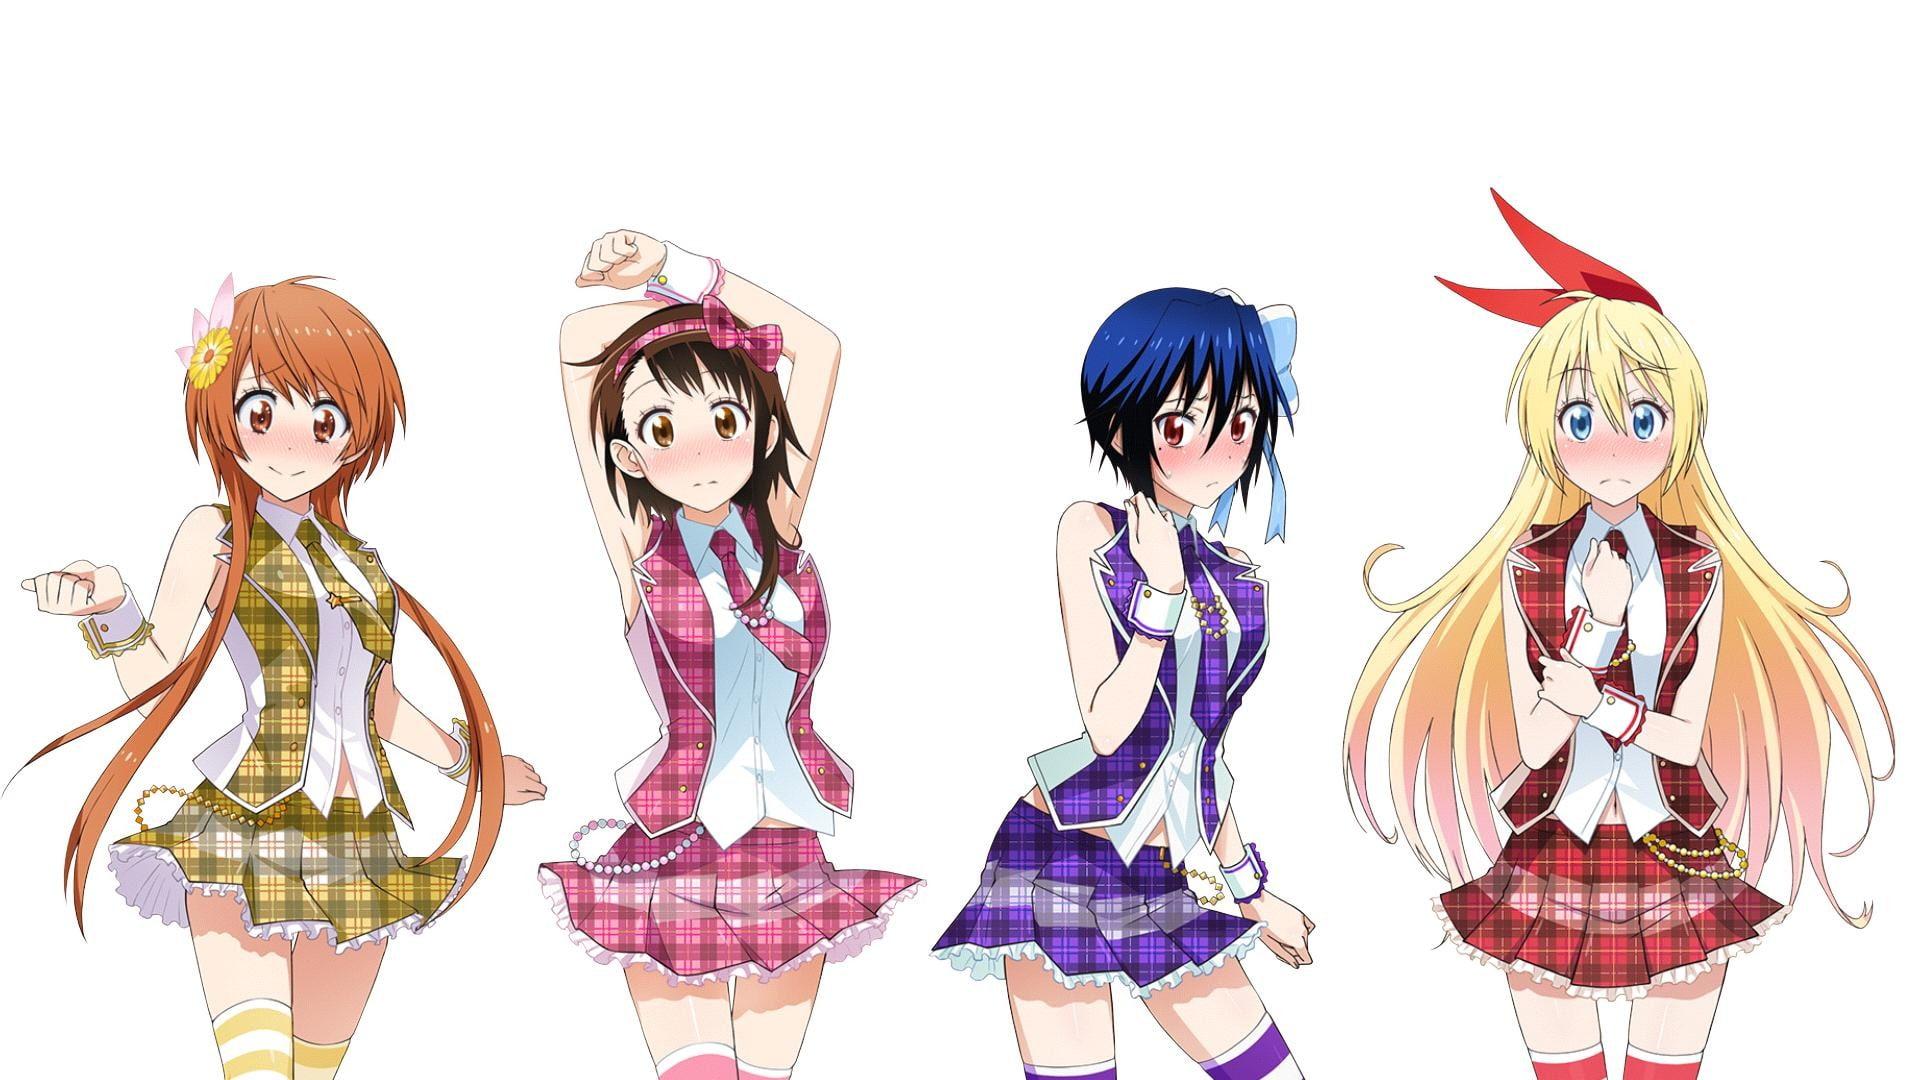 Onodera Kosaki, Hair Ornament, Tomboys, Blue Hair, - Nisekoi Girls , HD Wallpaper & Backgrounds